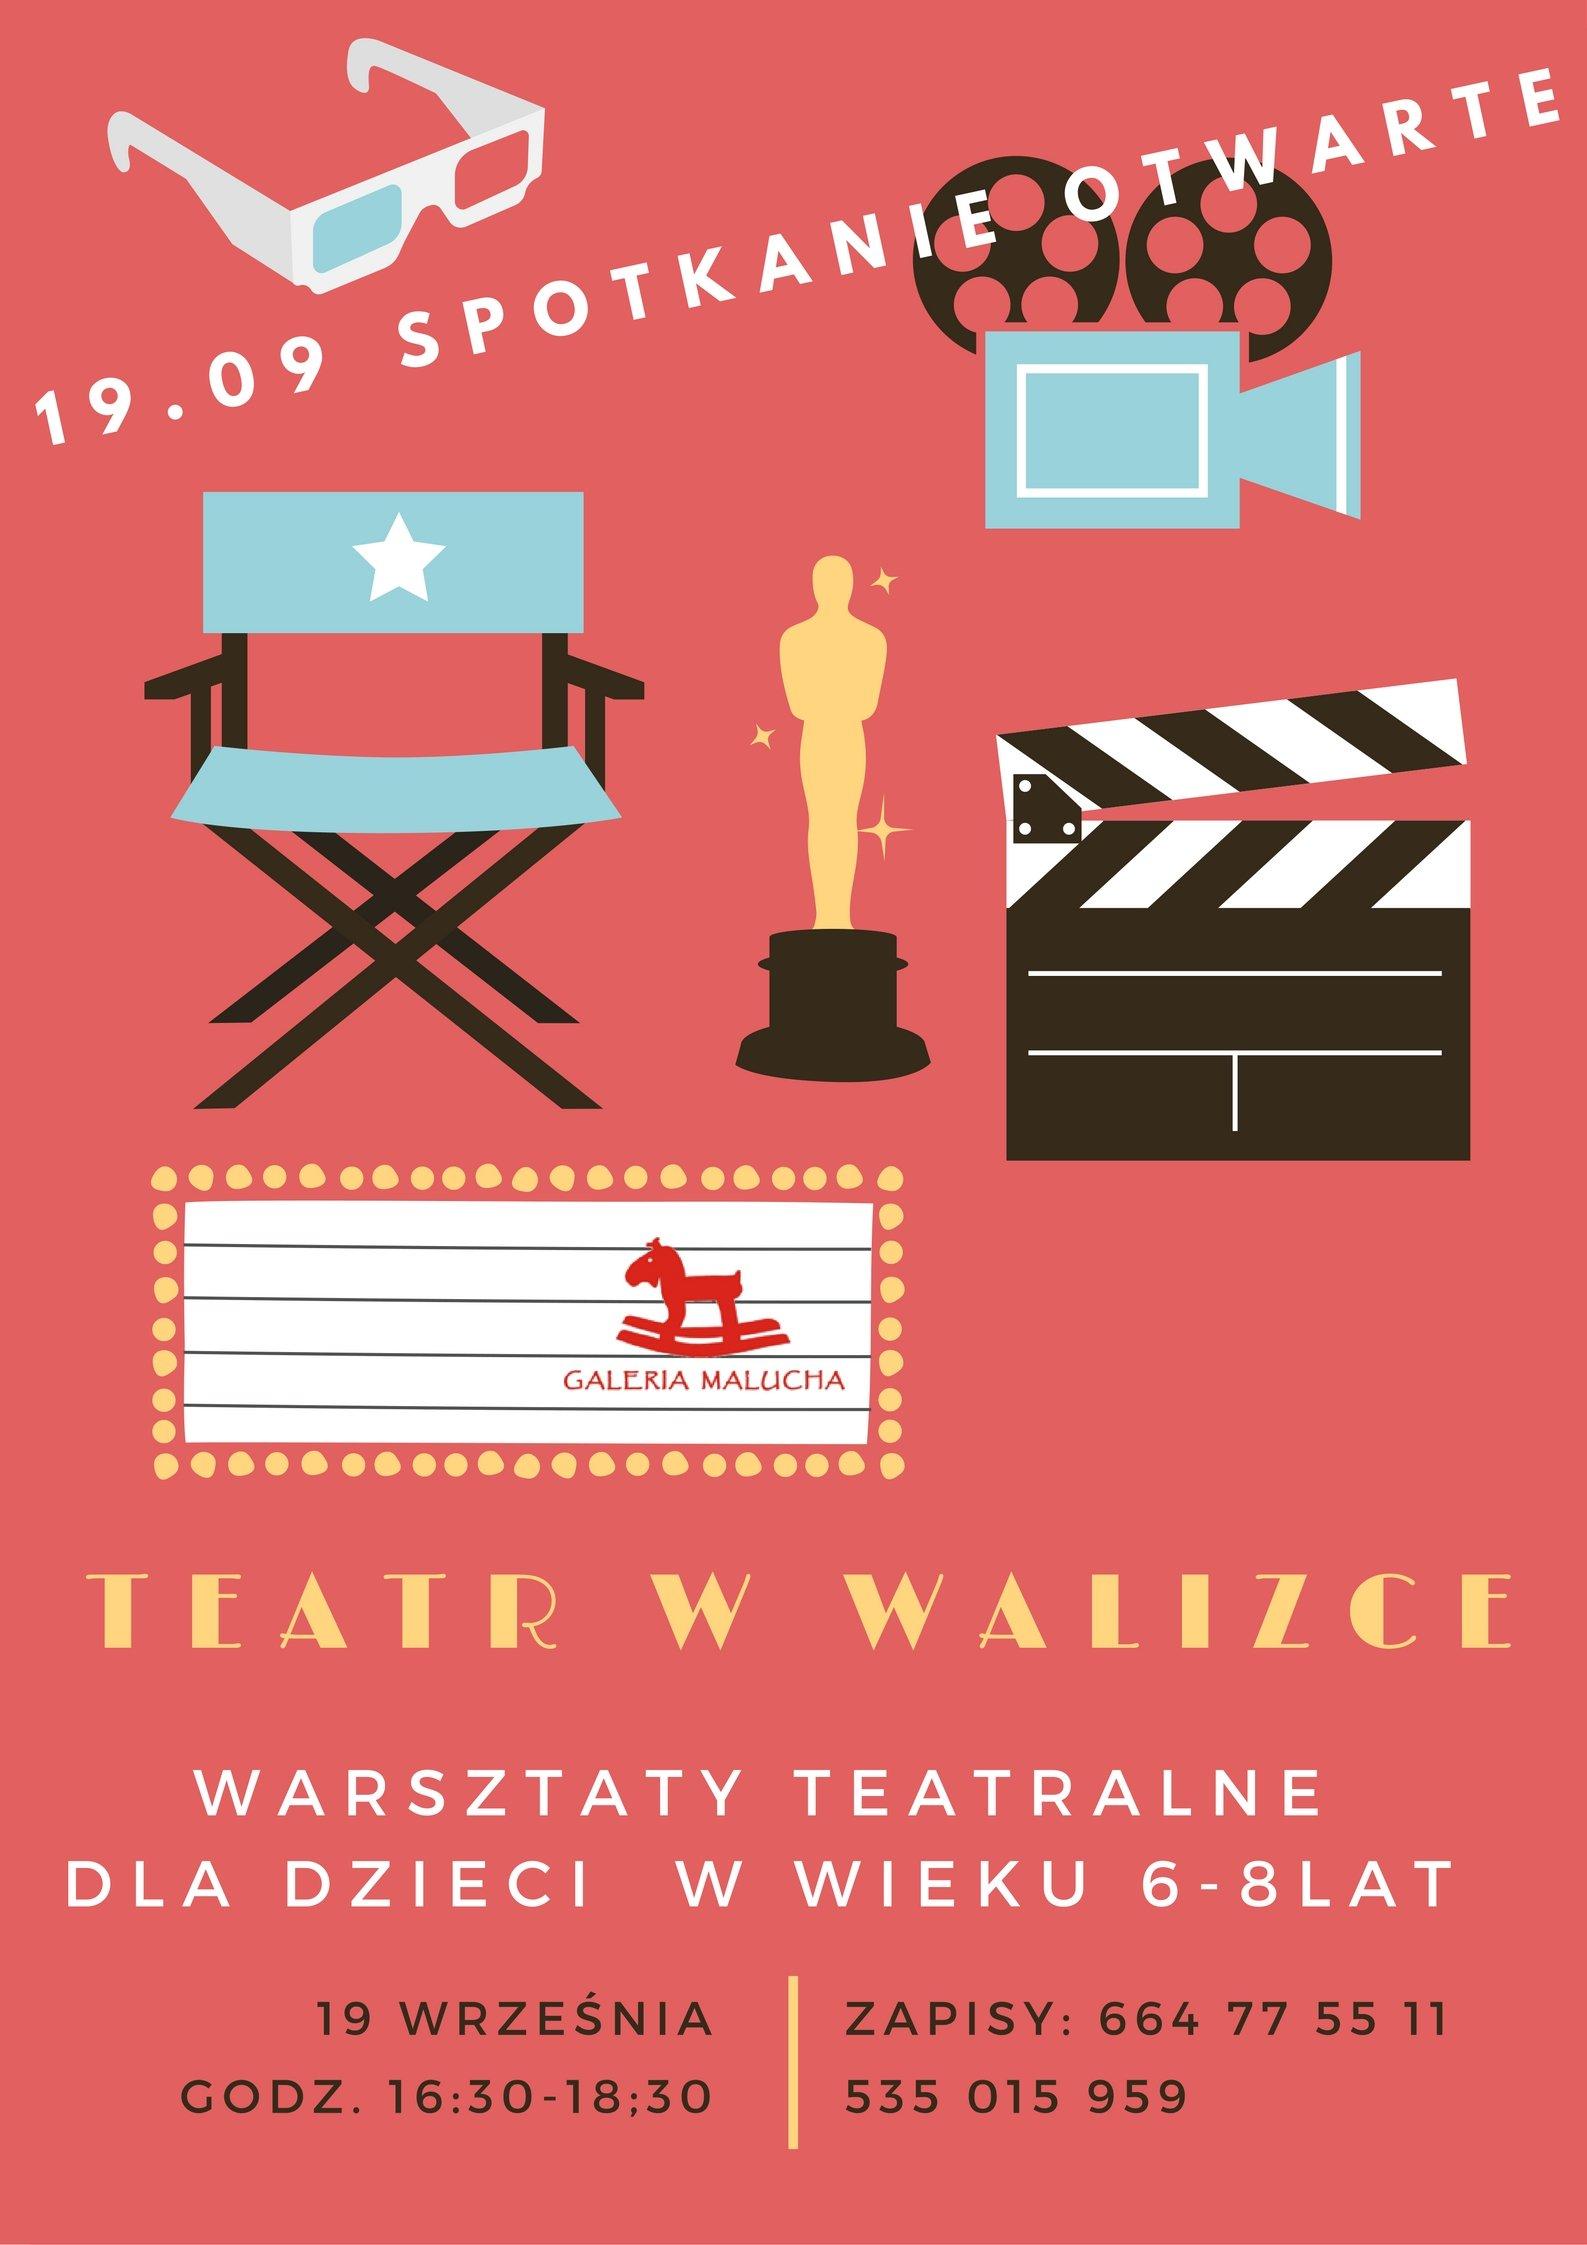 teatr-w-walizace-19-wolny